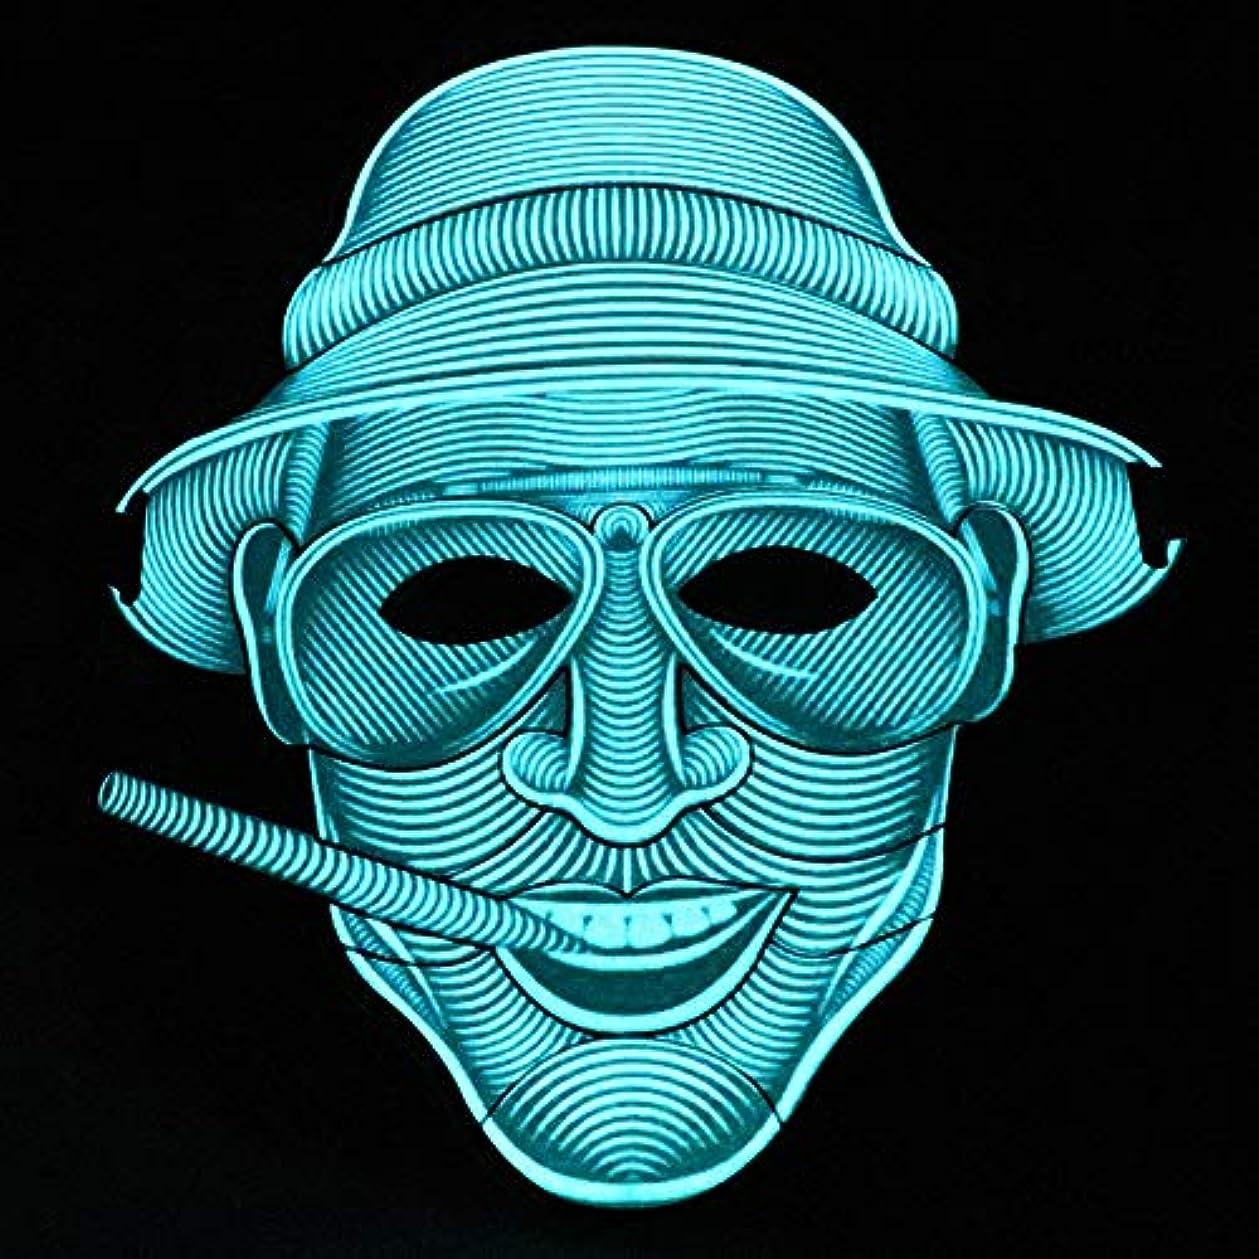 スチュアート島憧れ直立照らされたマスクLED創造的な冷光音響制御マスクハロウィンバーフェスティバルダンスマスク (Color : #6)